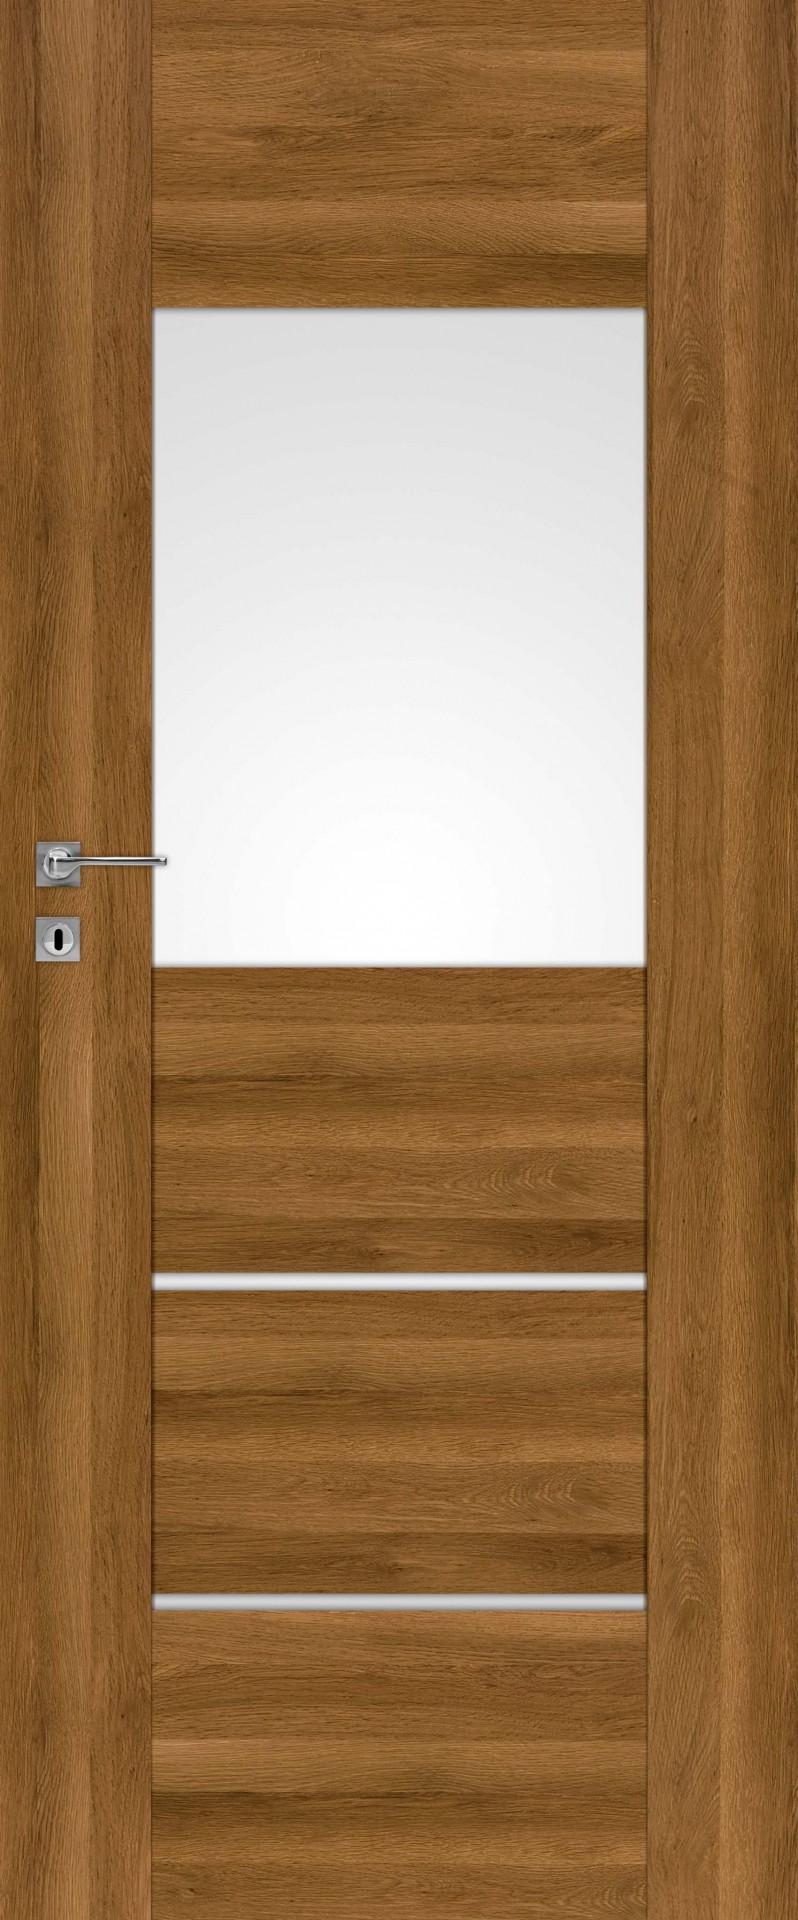 Dre dveře AURI 2, Šíře v cm 80